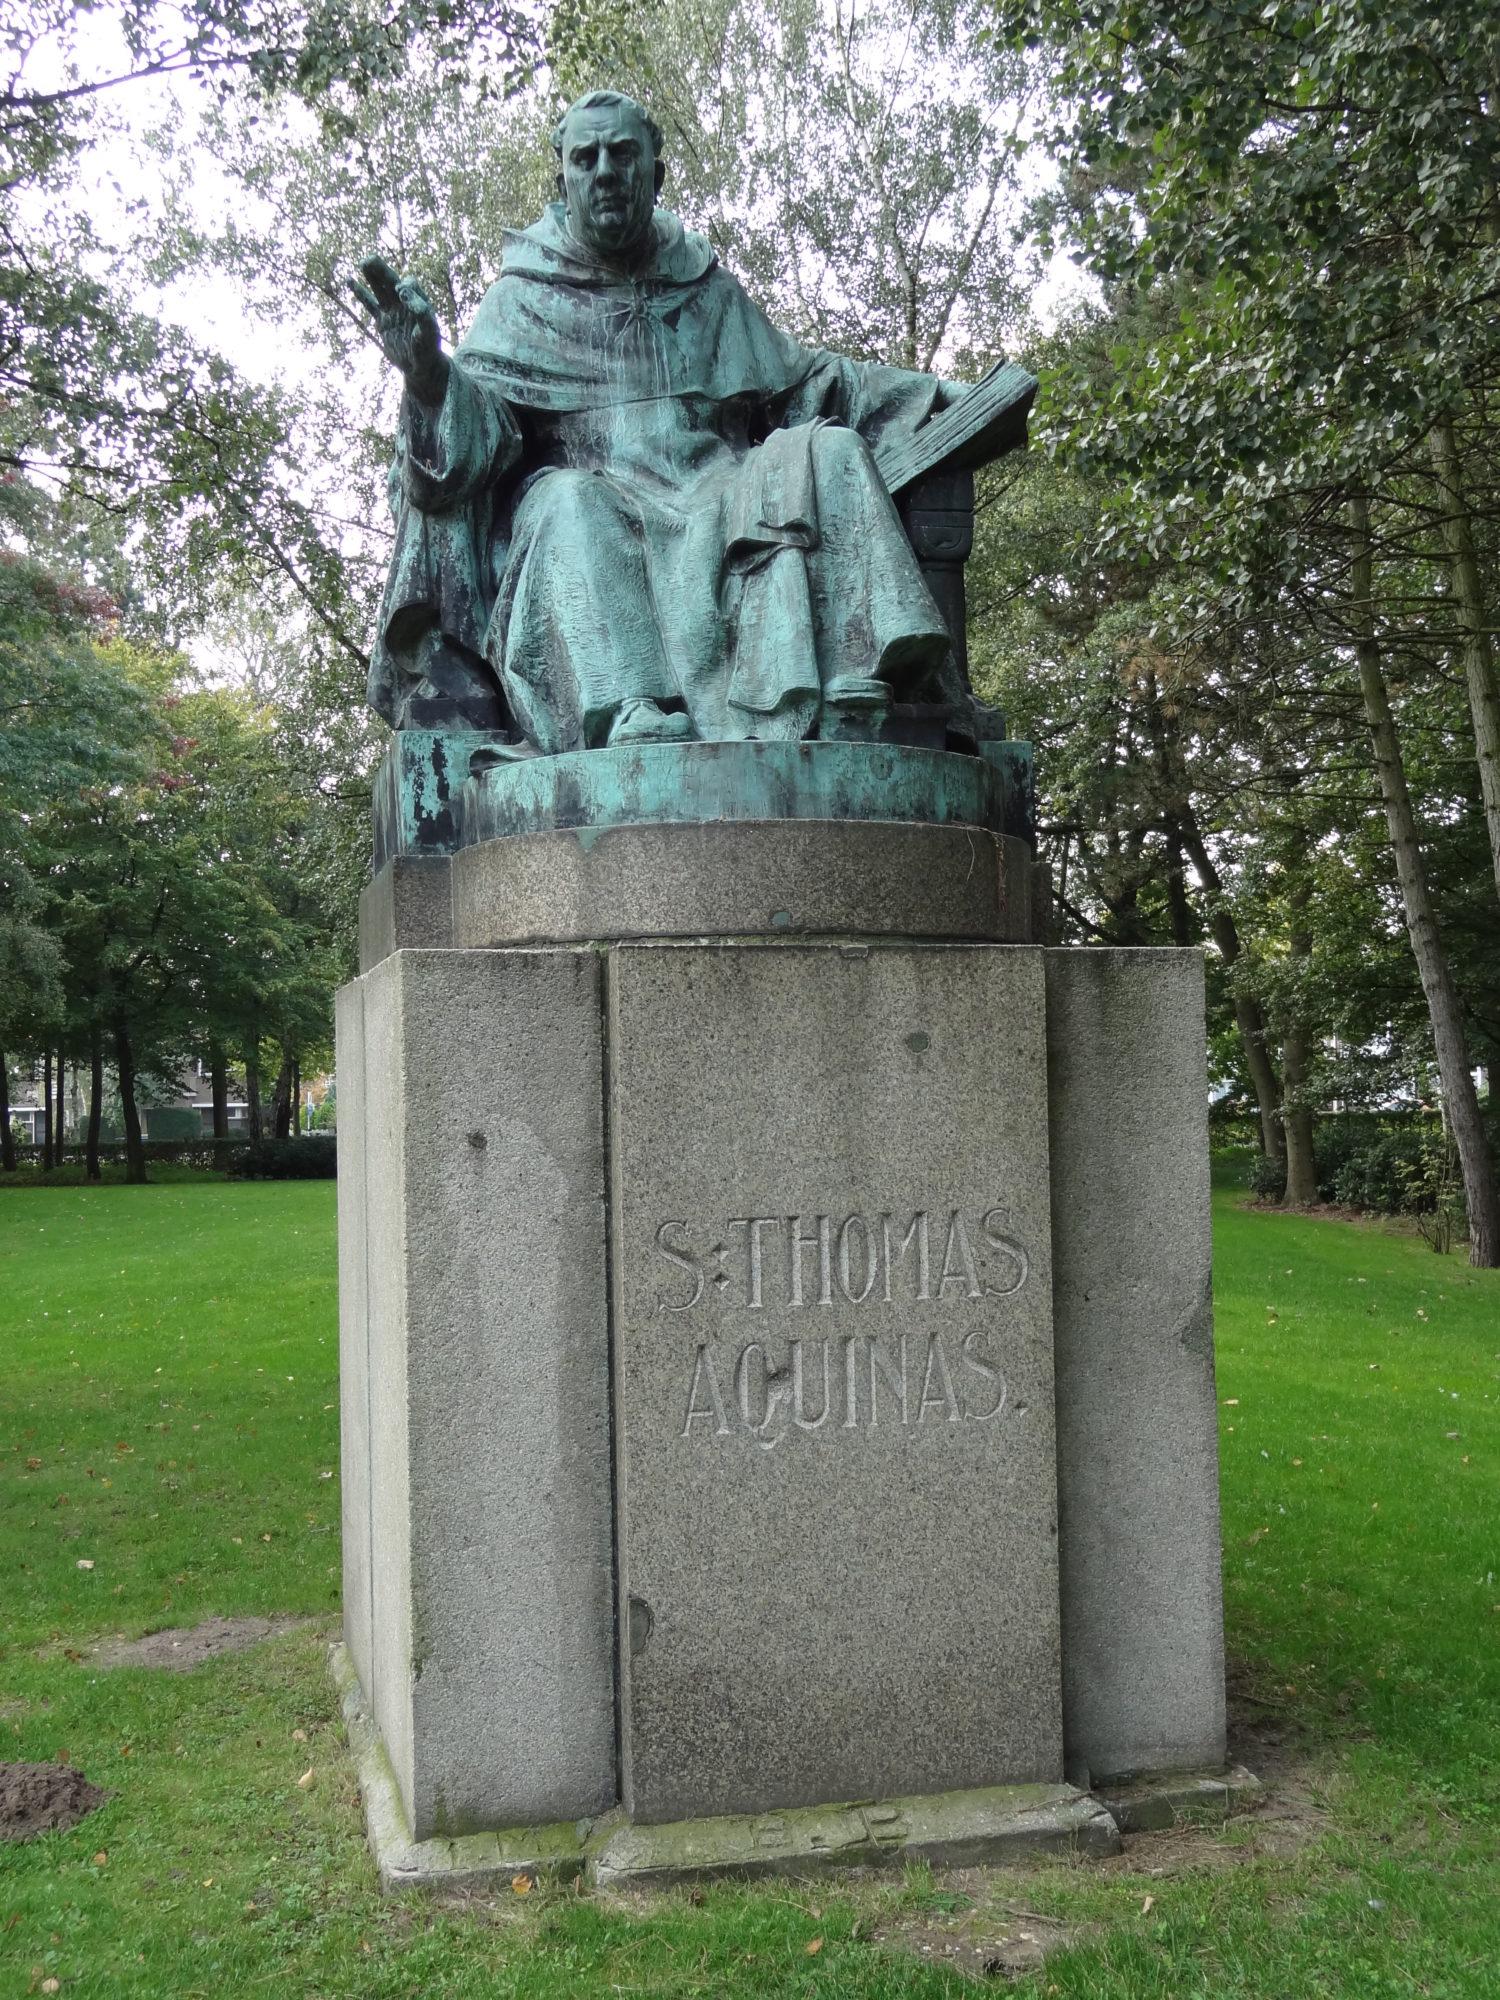 Nijmegen_-_Beeld_van_Thomas_van_Aquino_van_August_Falise_aan_de_Comeniuslaan_bij_de_Aula_van_de_Radboud_Universiteit_Nijmegen